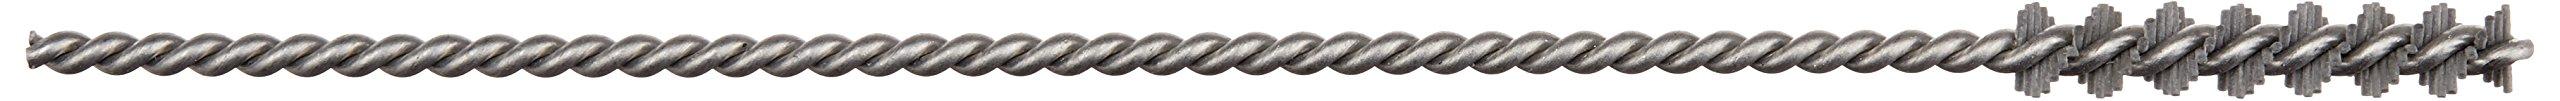 """Osborn 56428SP Abrasive Tube Brush, Silicon Carbide Fill Material, 0.190"""" Diameter, 1"""" Brush Length, 5"""" Overall Length, 0.093"""" Stem Diameter, 3/16"""" Hole Diameter, 500 Grit Size"""